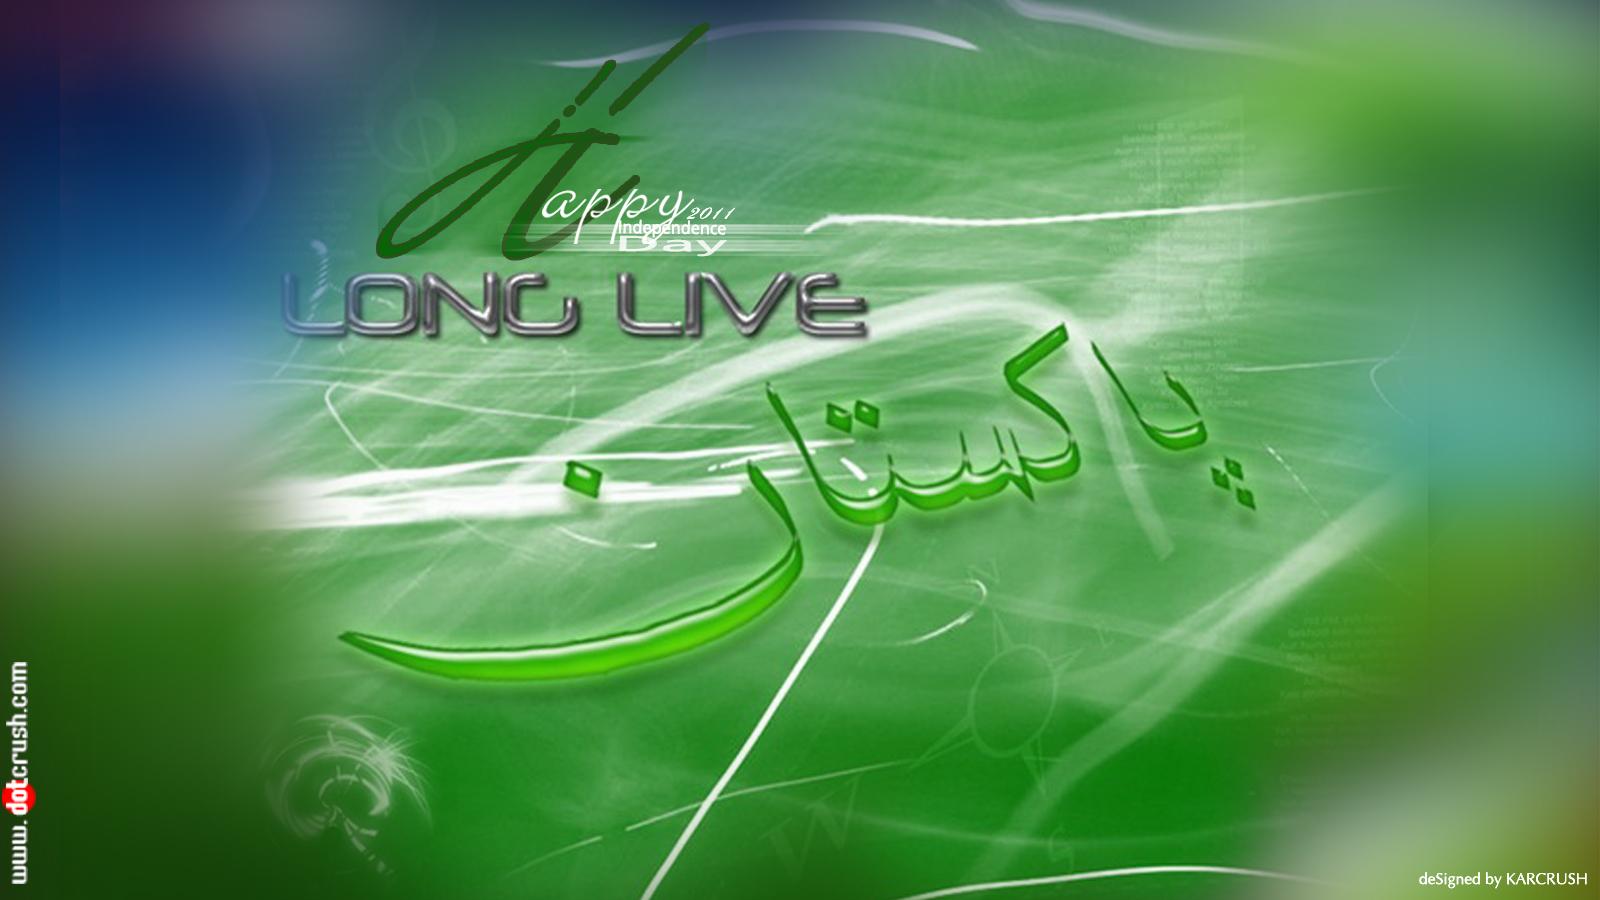 http://4.bp.blogspot.com/-A9gbOOk5pxU/TkThN0mKUFI/AAAAAAAAAvA/cIGG_Jq8MO0/s1600/pakistan-independece-day-14-august-2011-backgrounds-wallpapers-31.jpg